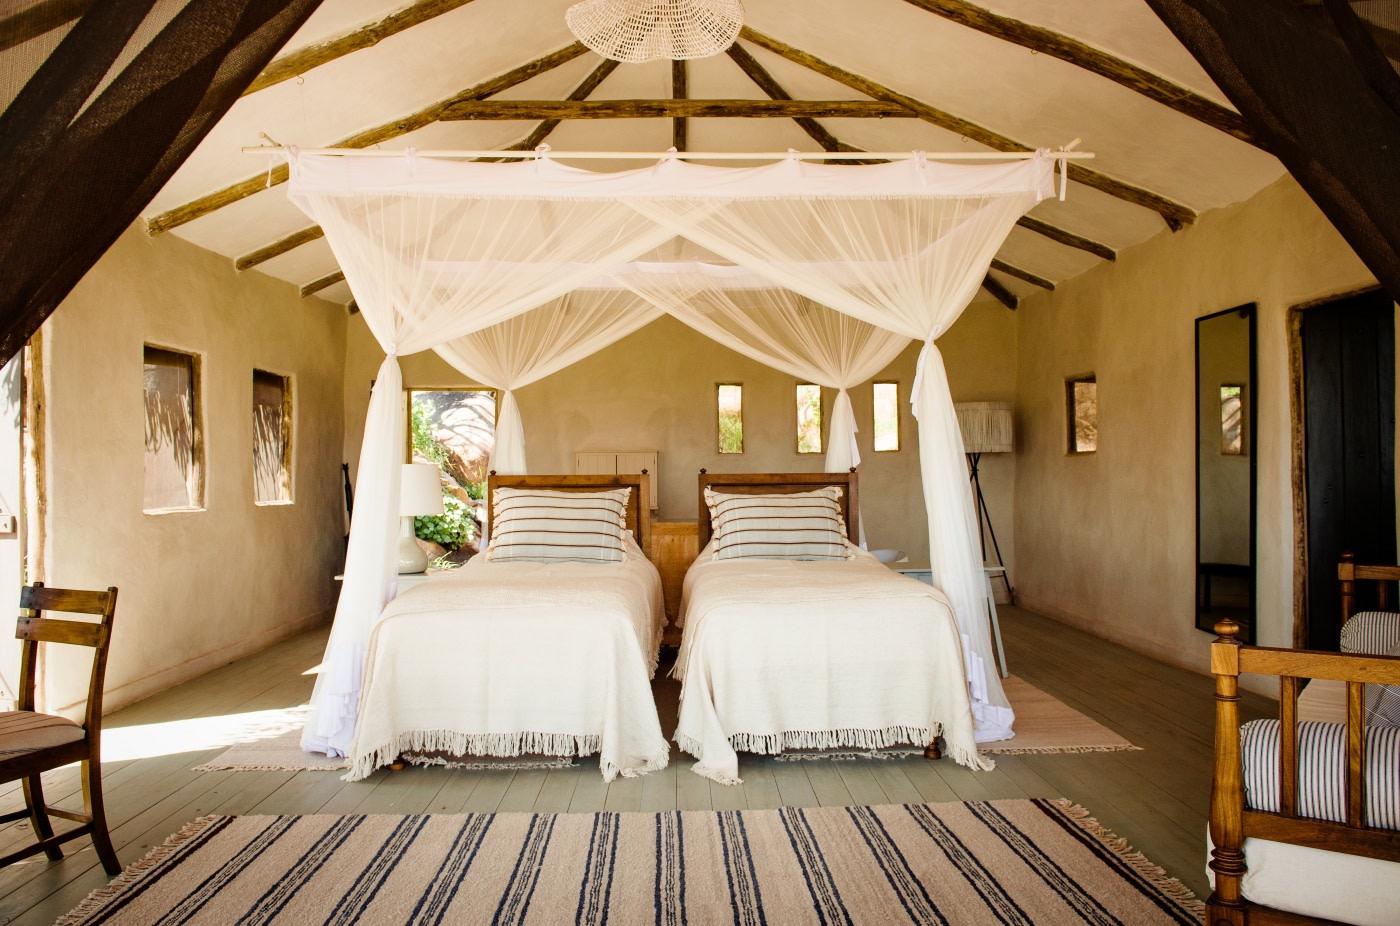 Schlafzimmer mit zwei Einzelbetten im Lamai Serengeti